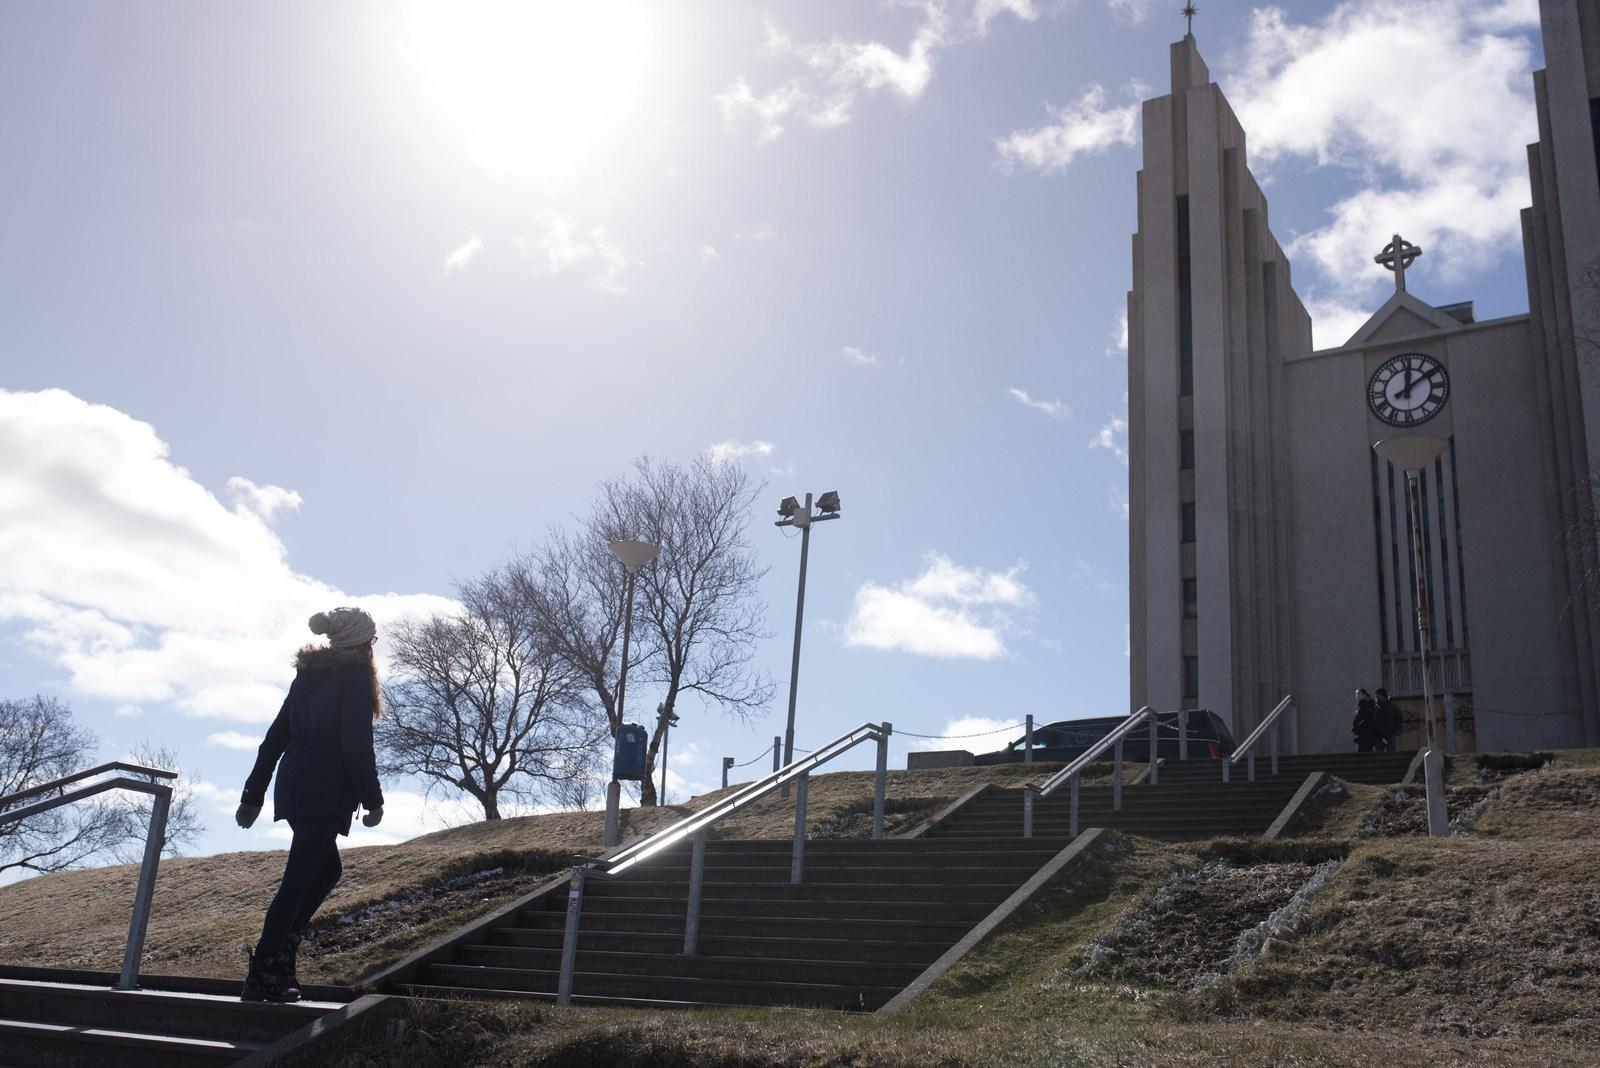 L'église d'Akureyri Akureyri